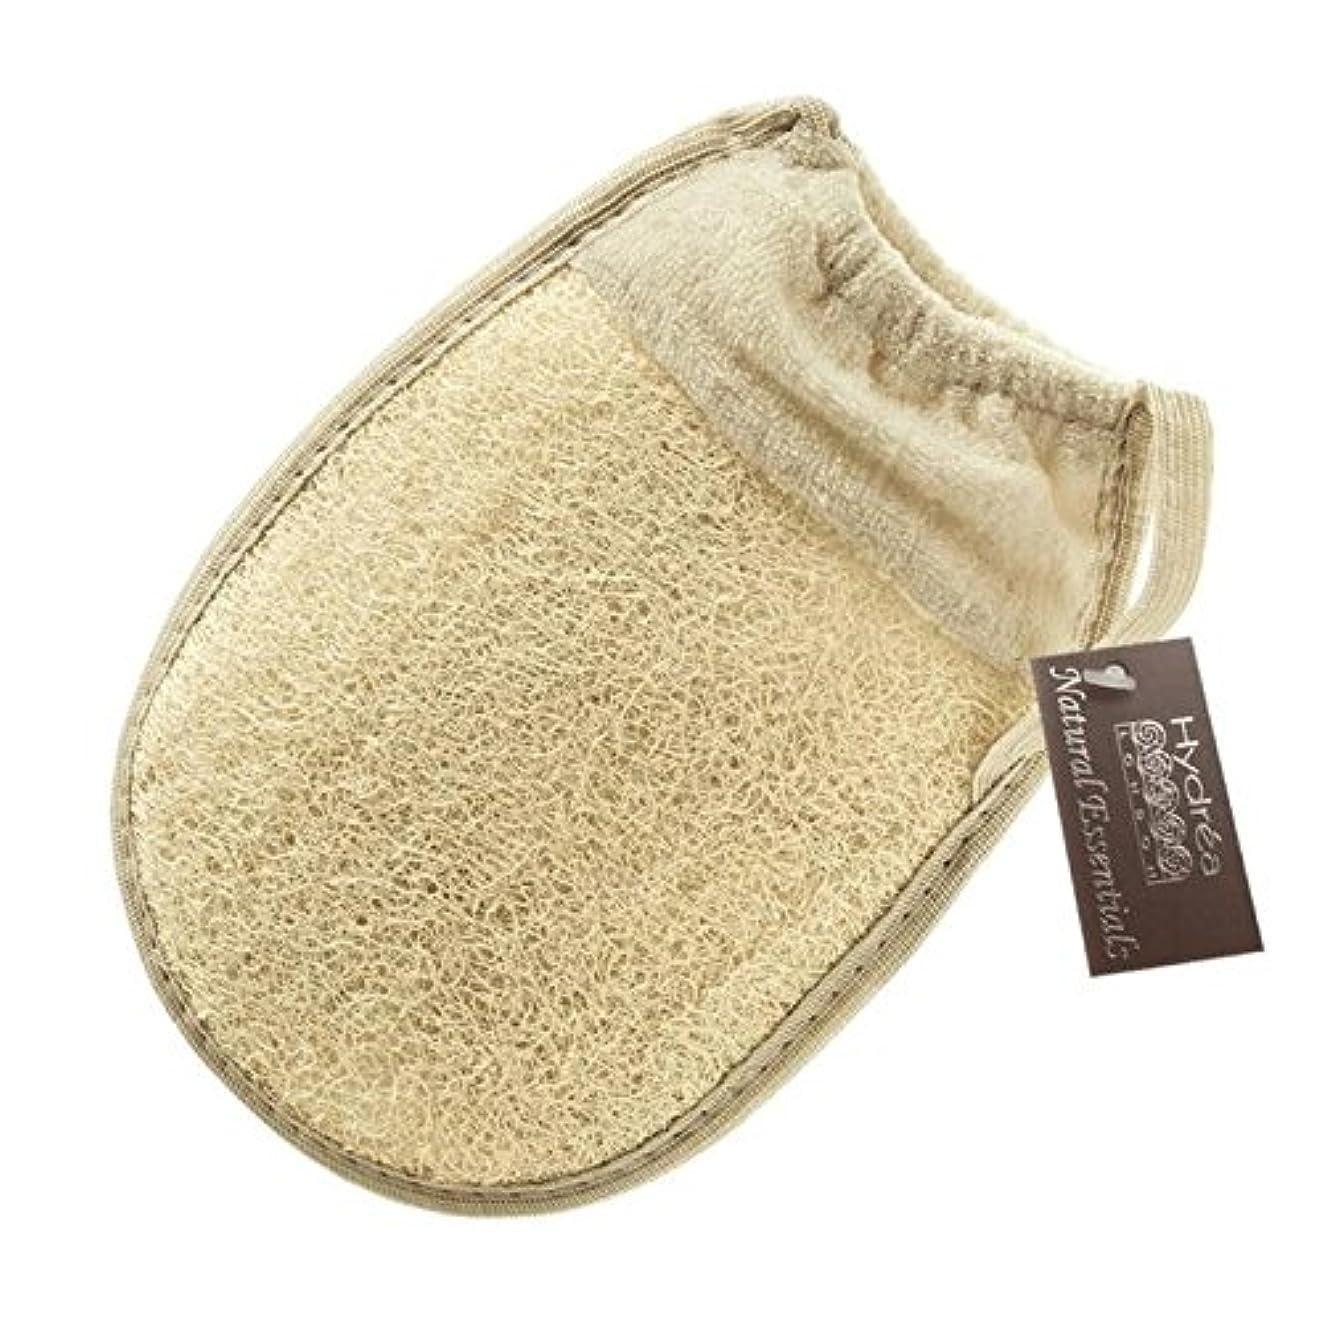 パッド犯罪膜Hydrea London Egyptian Loofah Glove with Elasticated Cuff - 伸縮性カフとハイドレアロンドンエジプトのヘチマグローブ [並行輸入品]